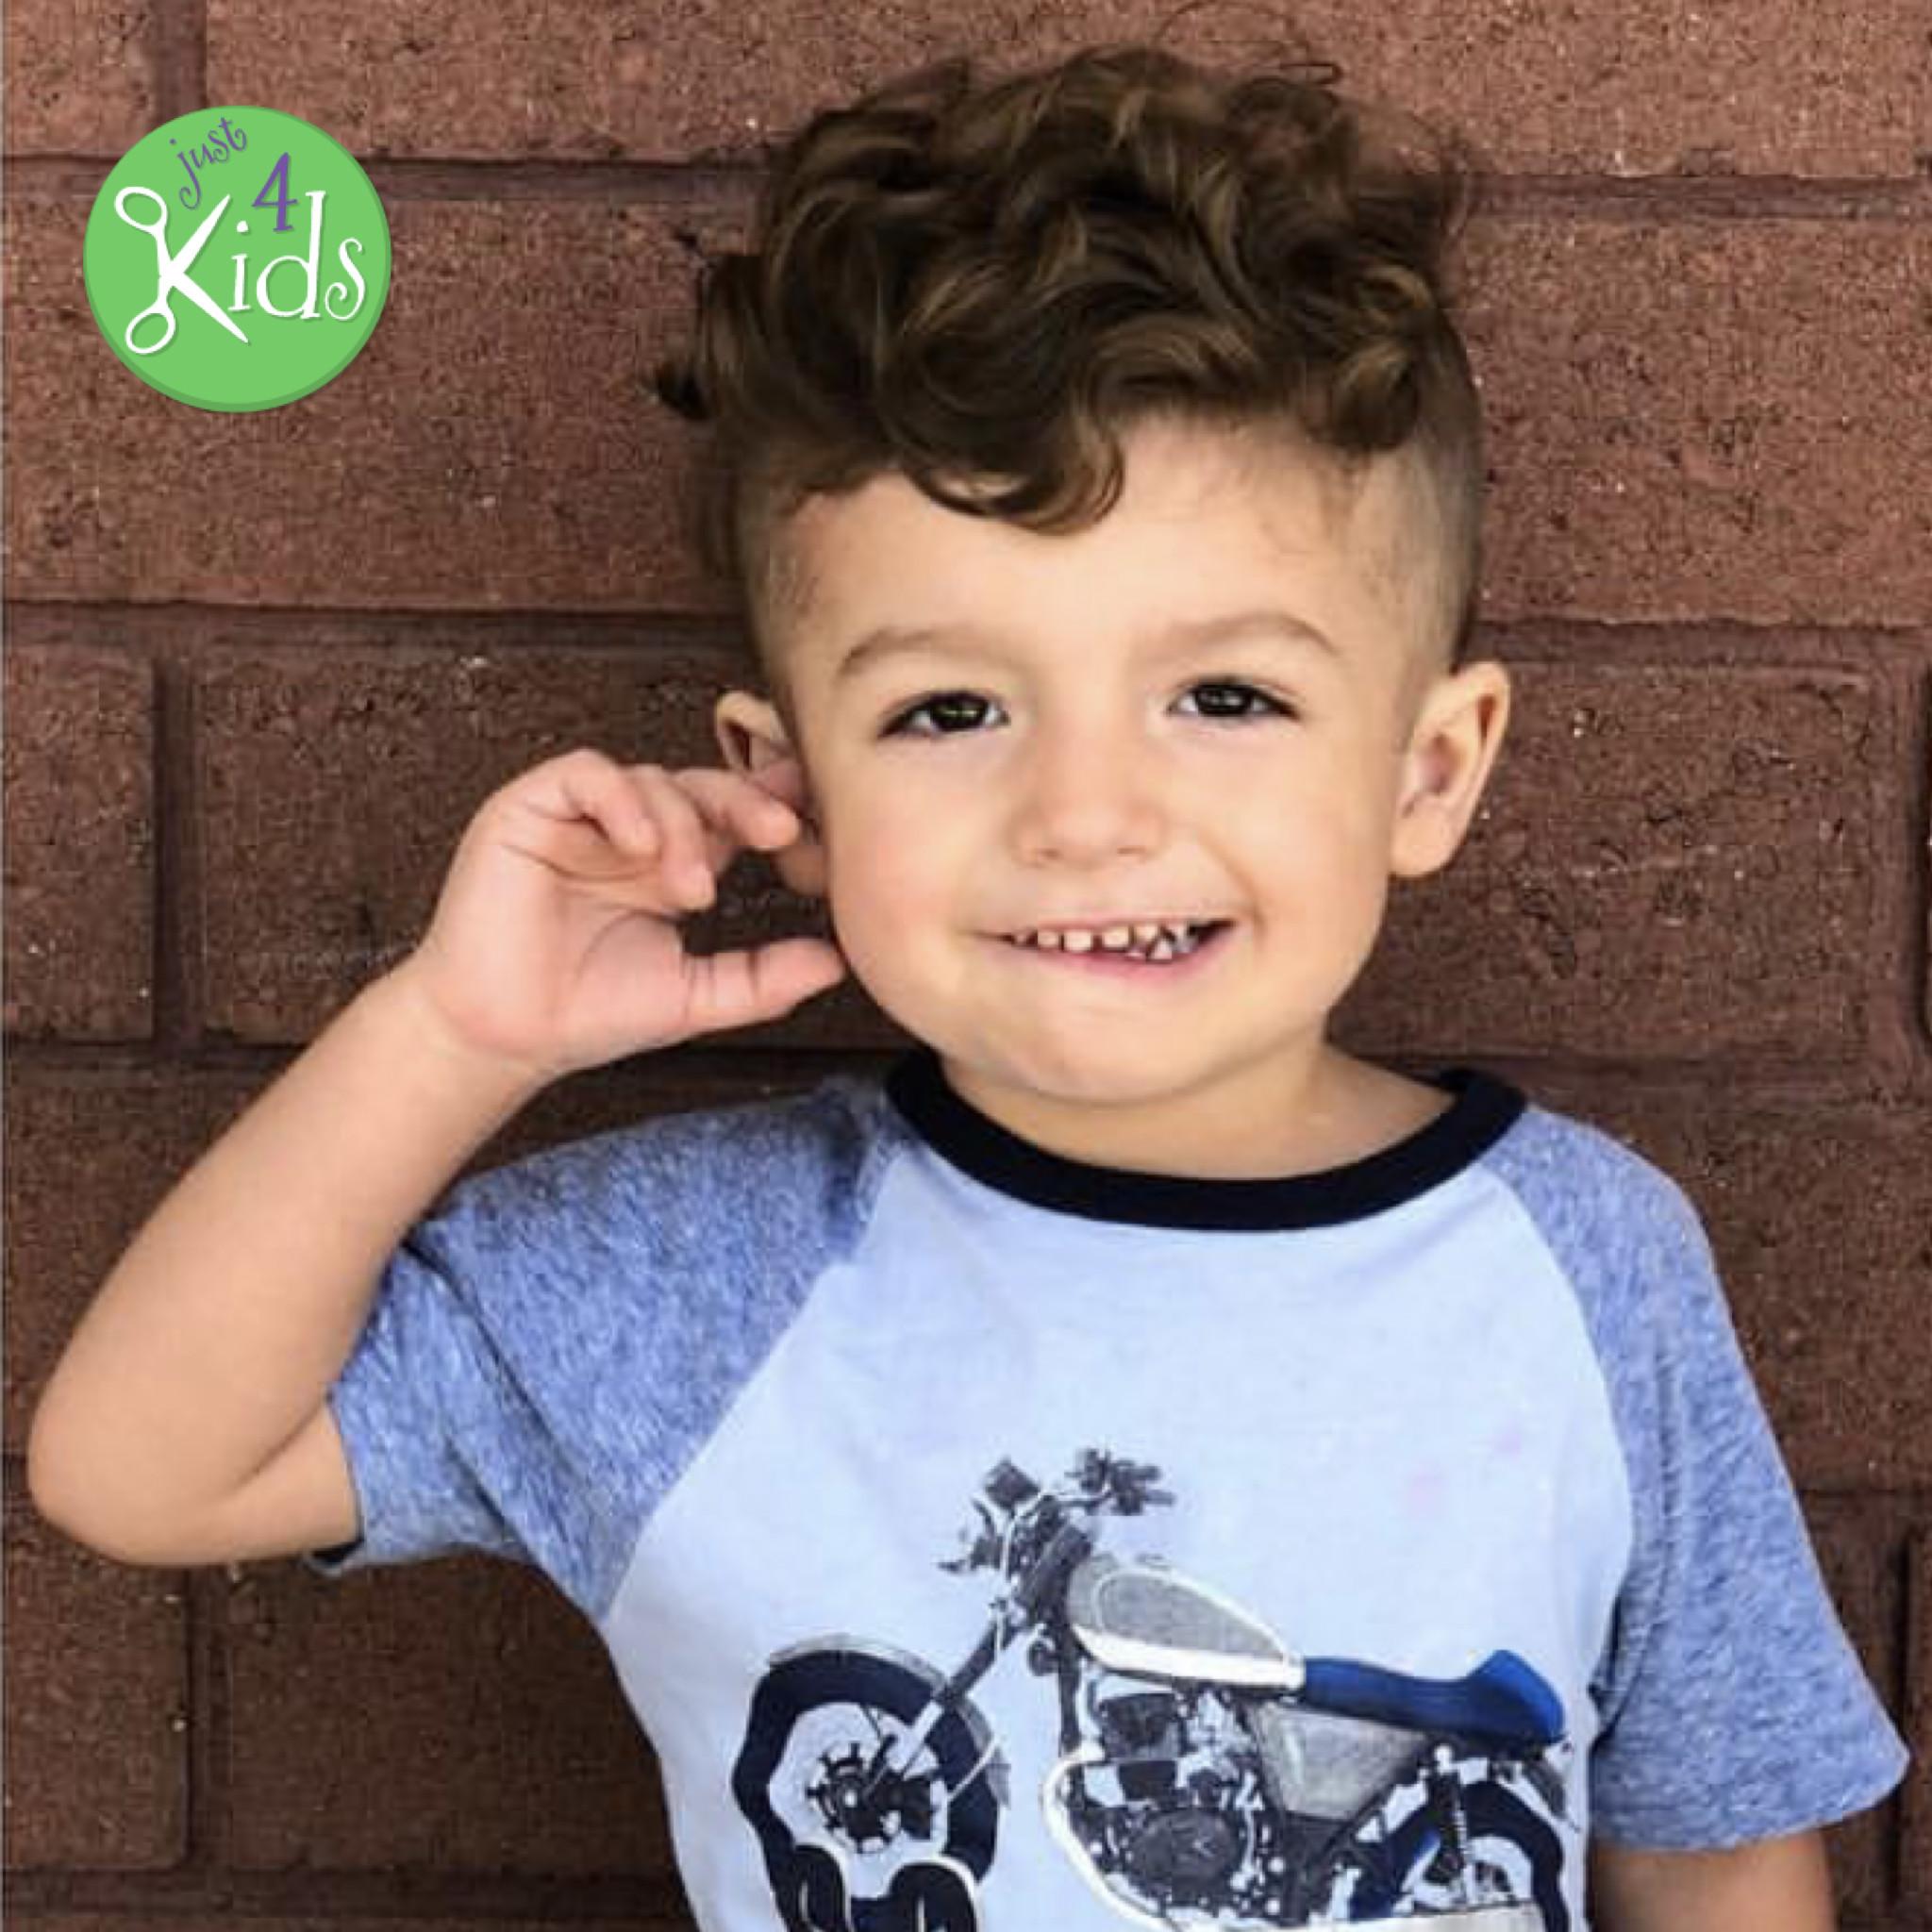 Toddler Boy Long Hairstyles  Top Kids Hairstyles 2018 Long Hairstyles for Boys Long